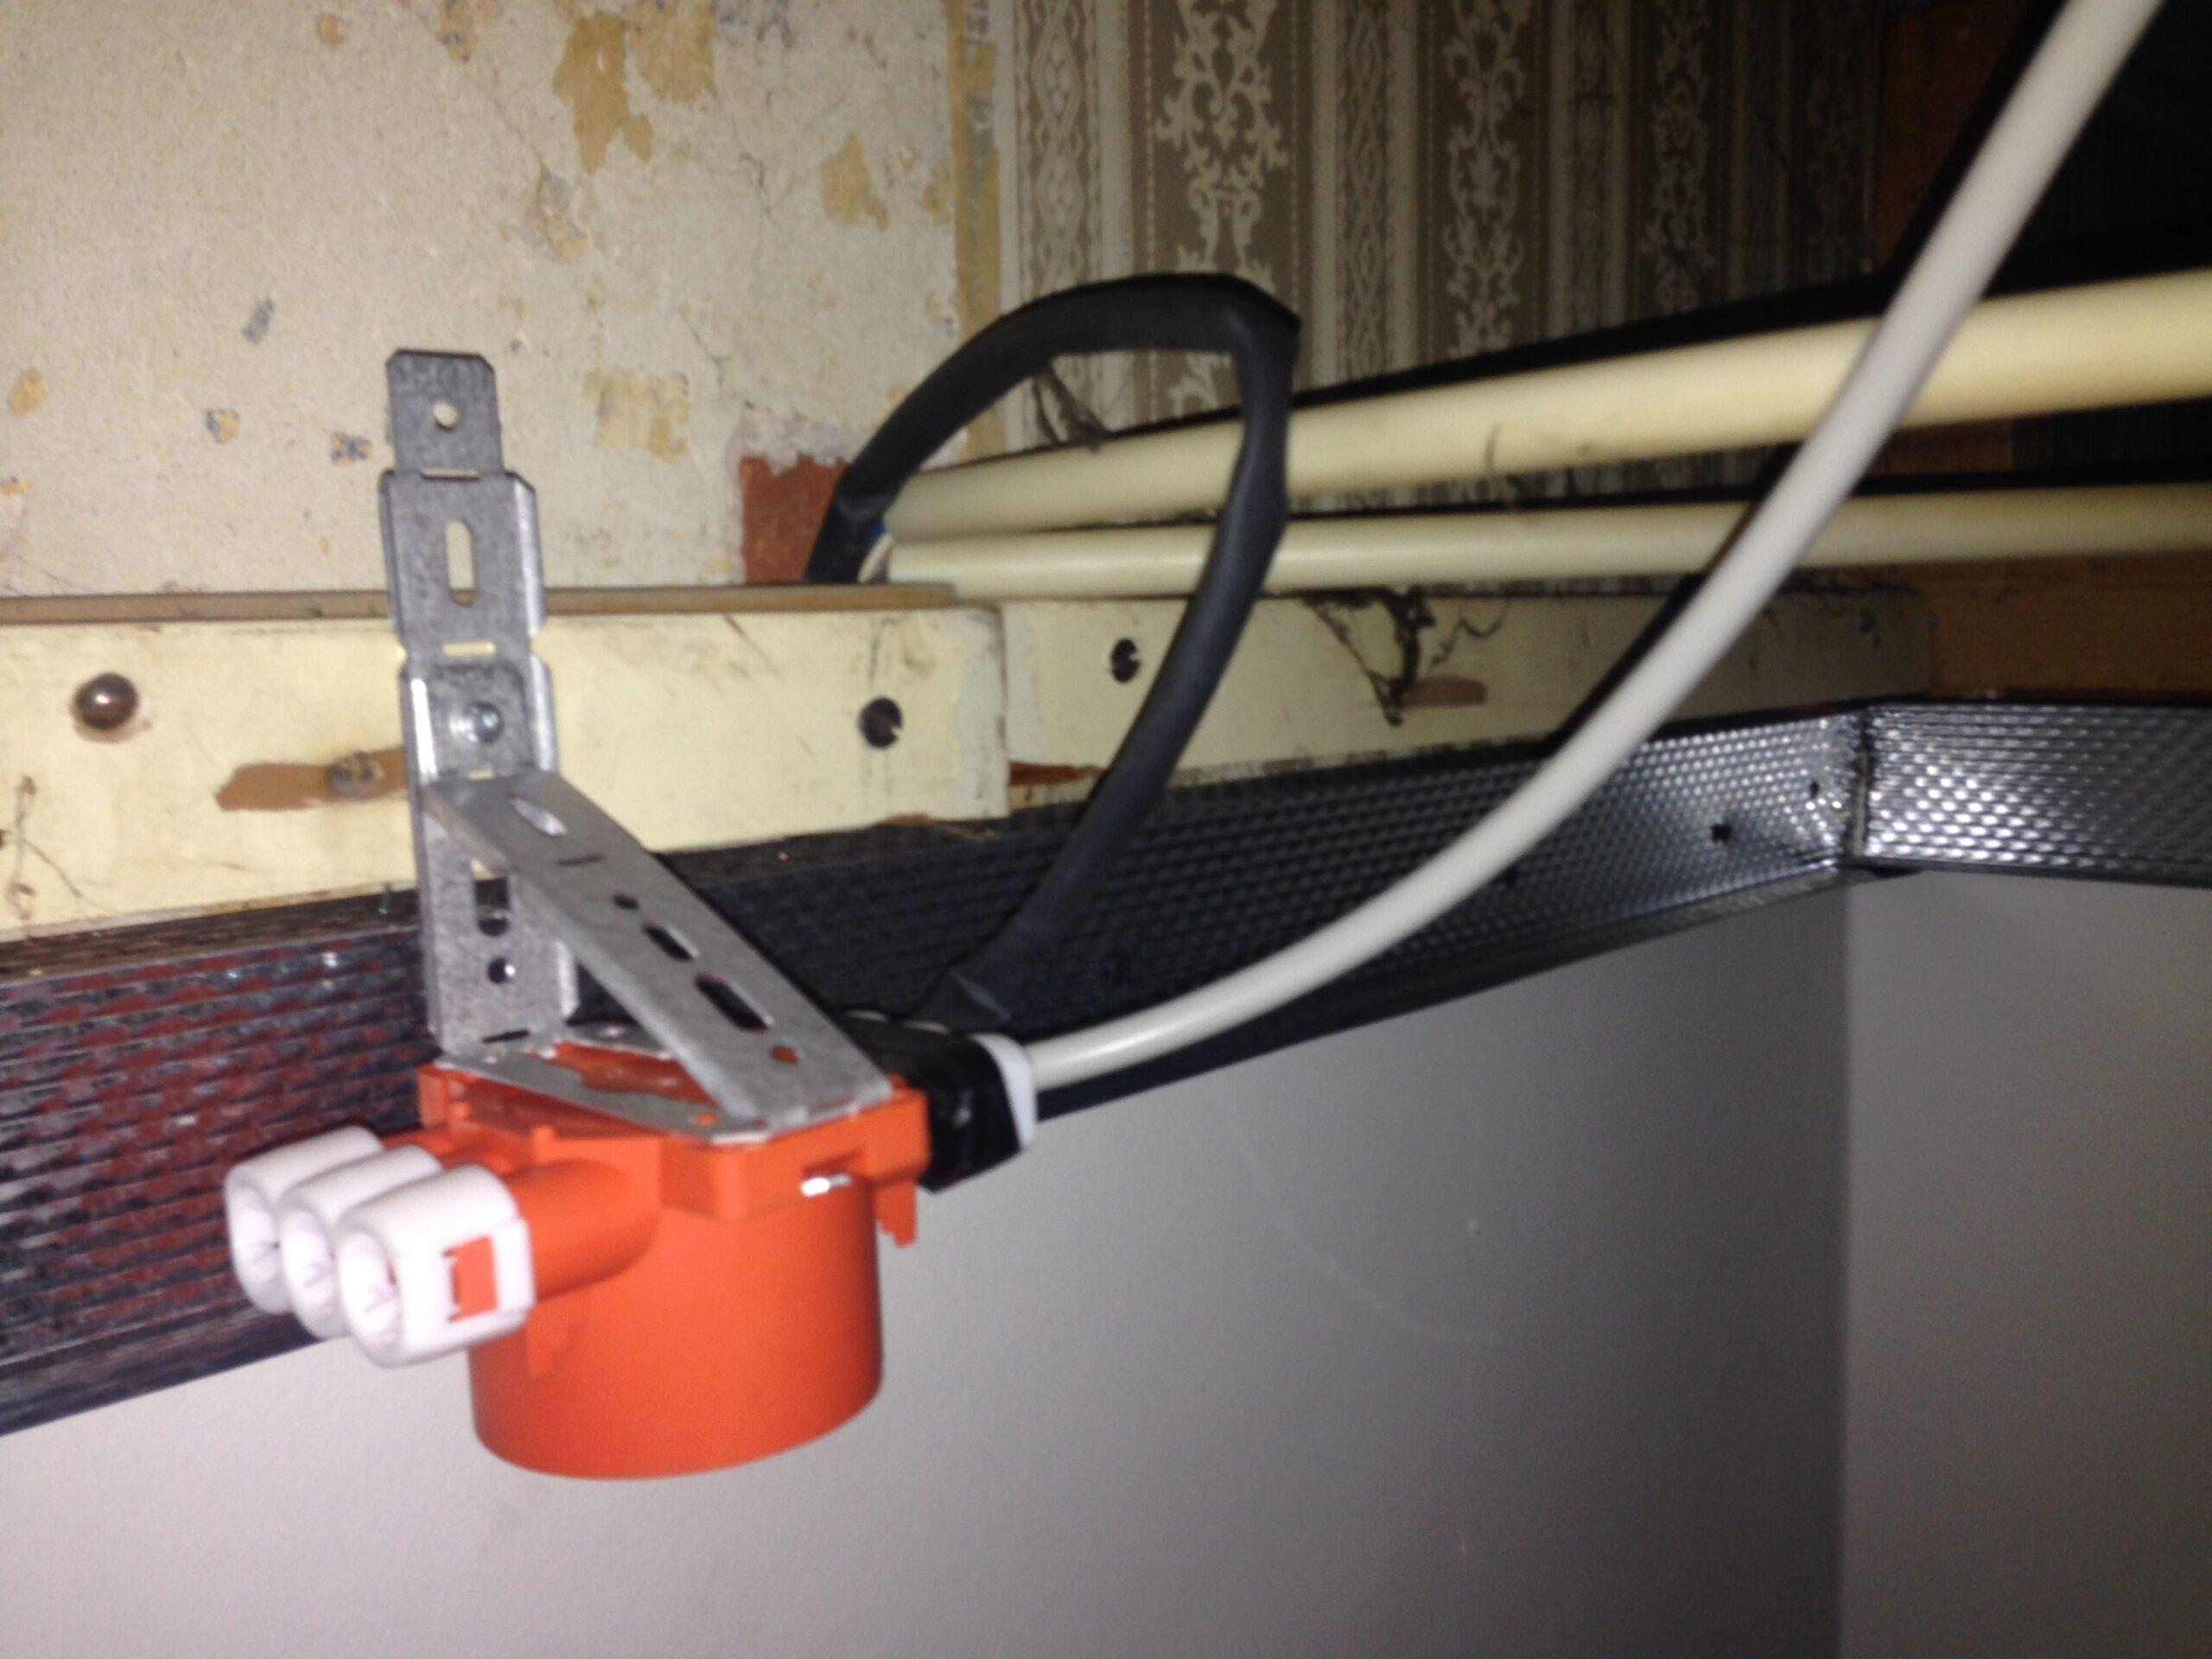 akut elektriker vagten 41. her er der en fejl på strømmen så Hfi relæ slår fra, en svær fejl da der var skjulte samlinger over loft